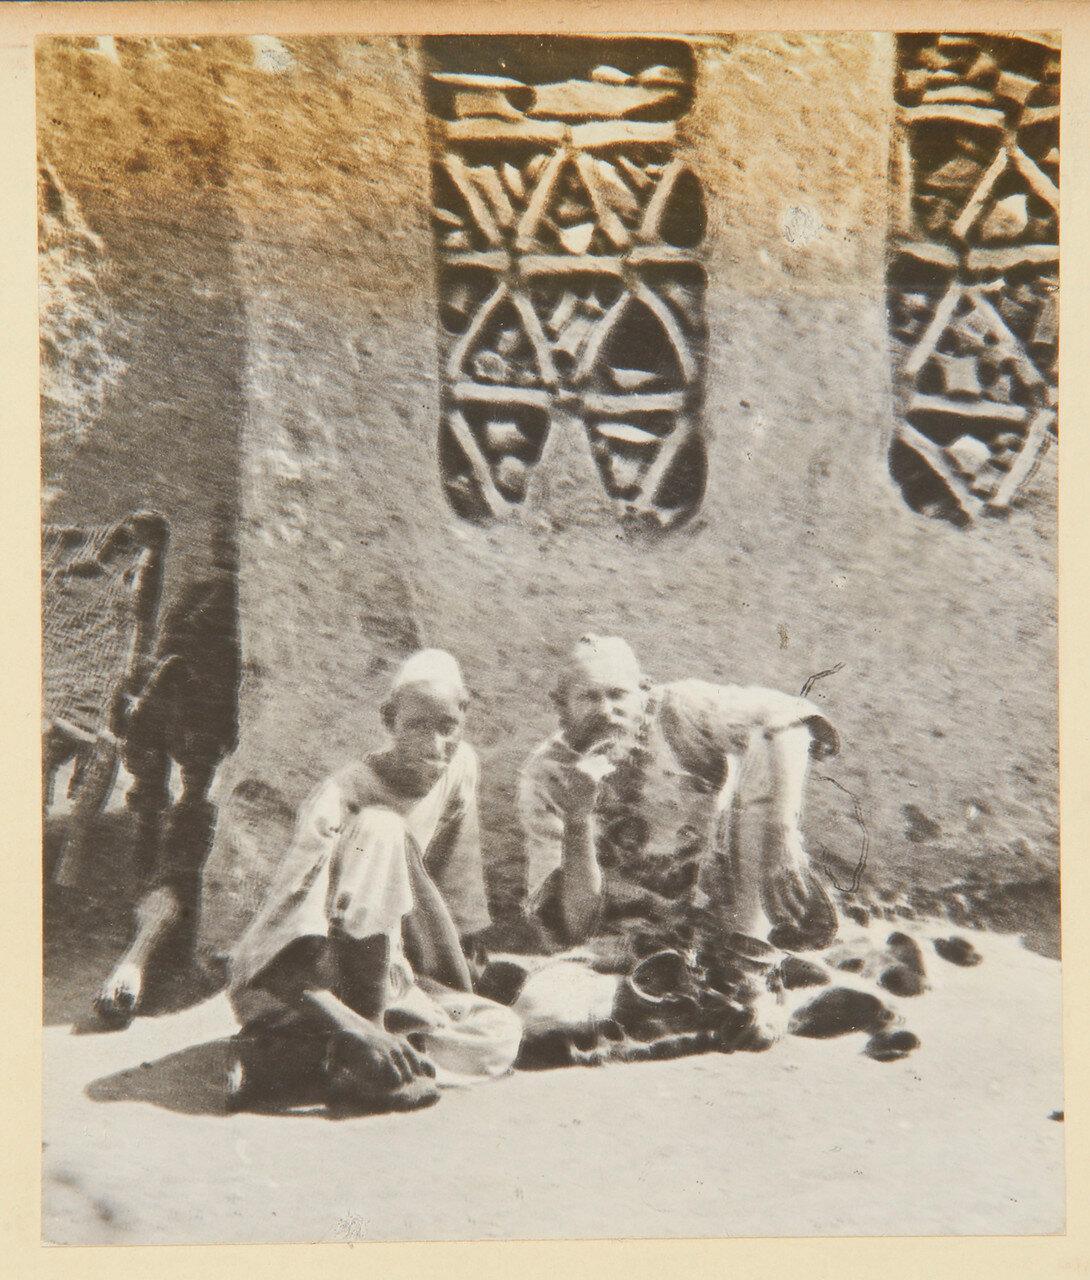 Чарльз Нейфельд (1856-1918) со своим бывшим сокамерником